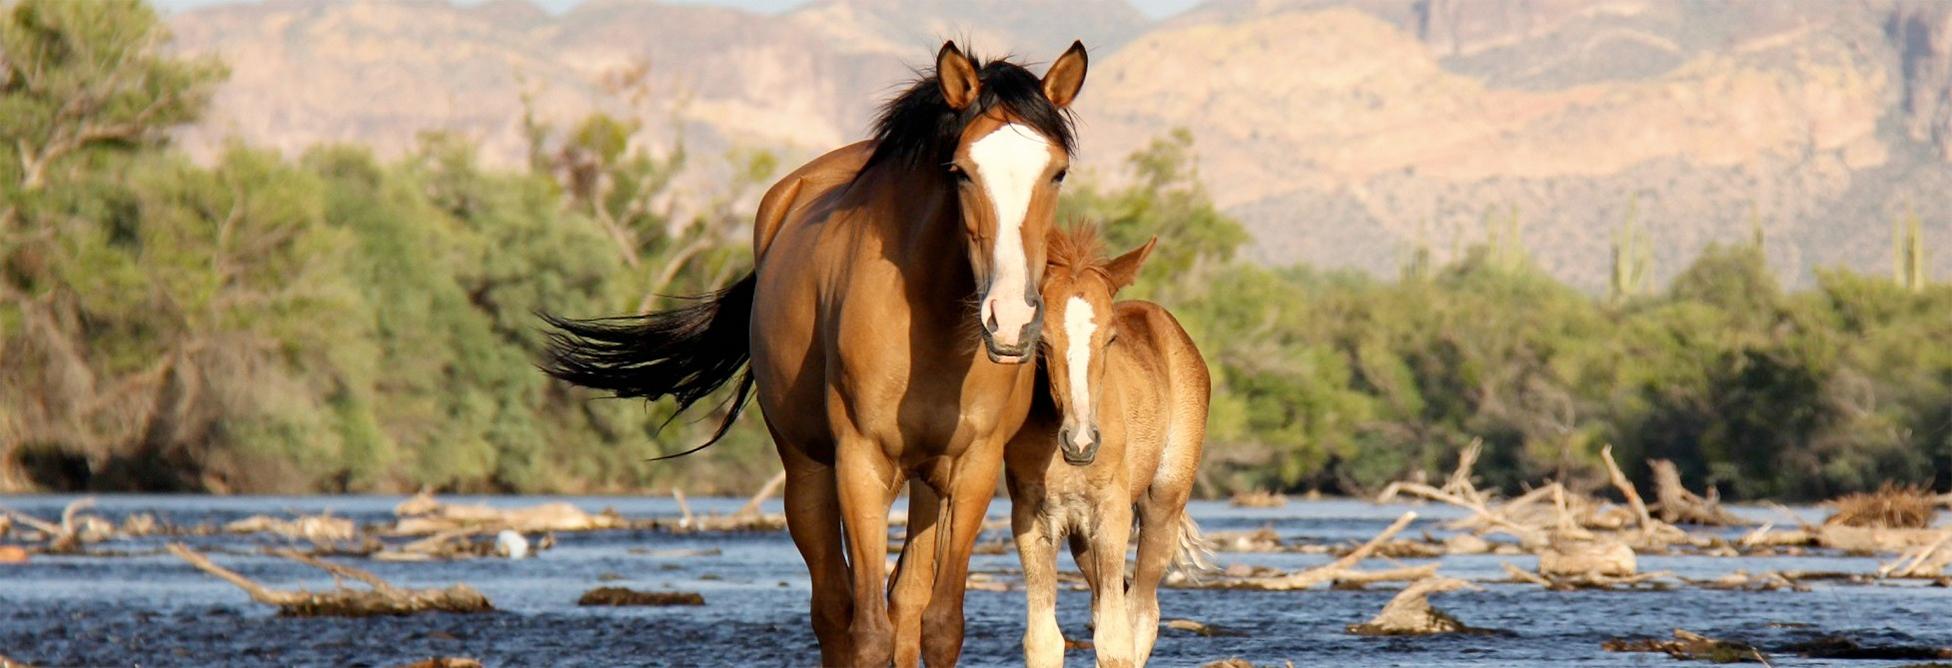 The Salt River Wild Horse Preservation Proposal